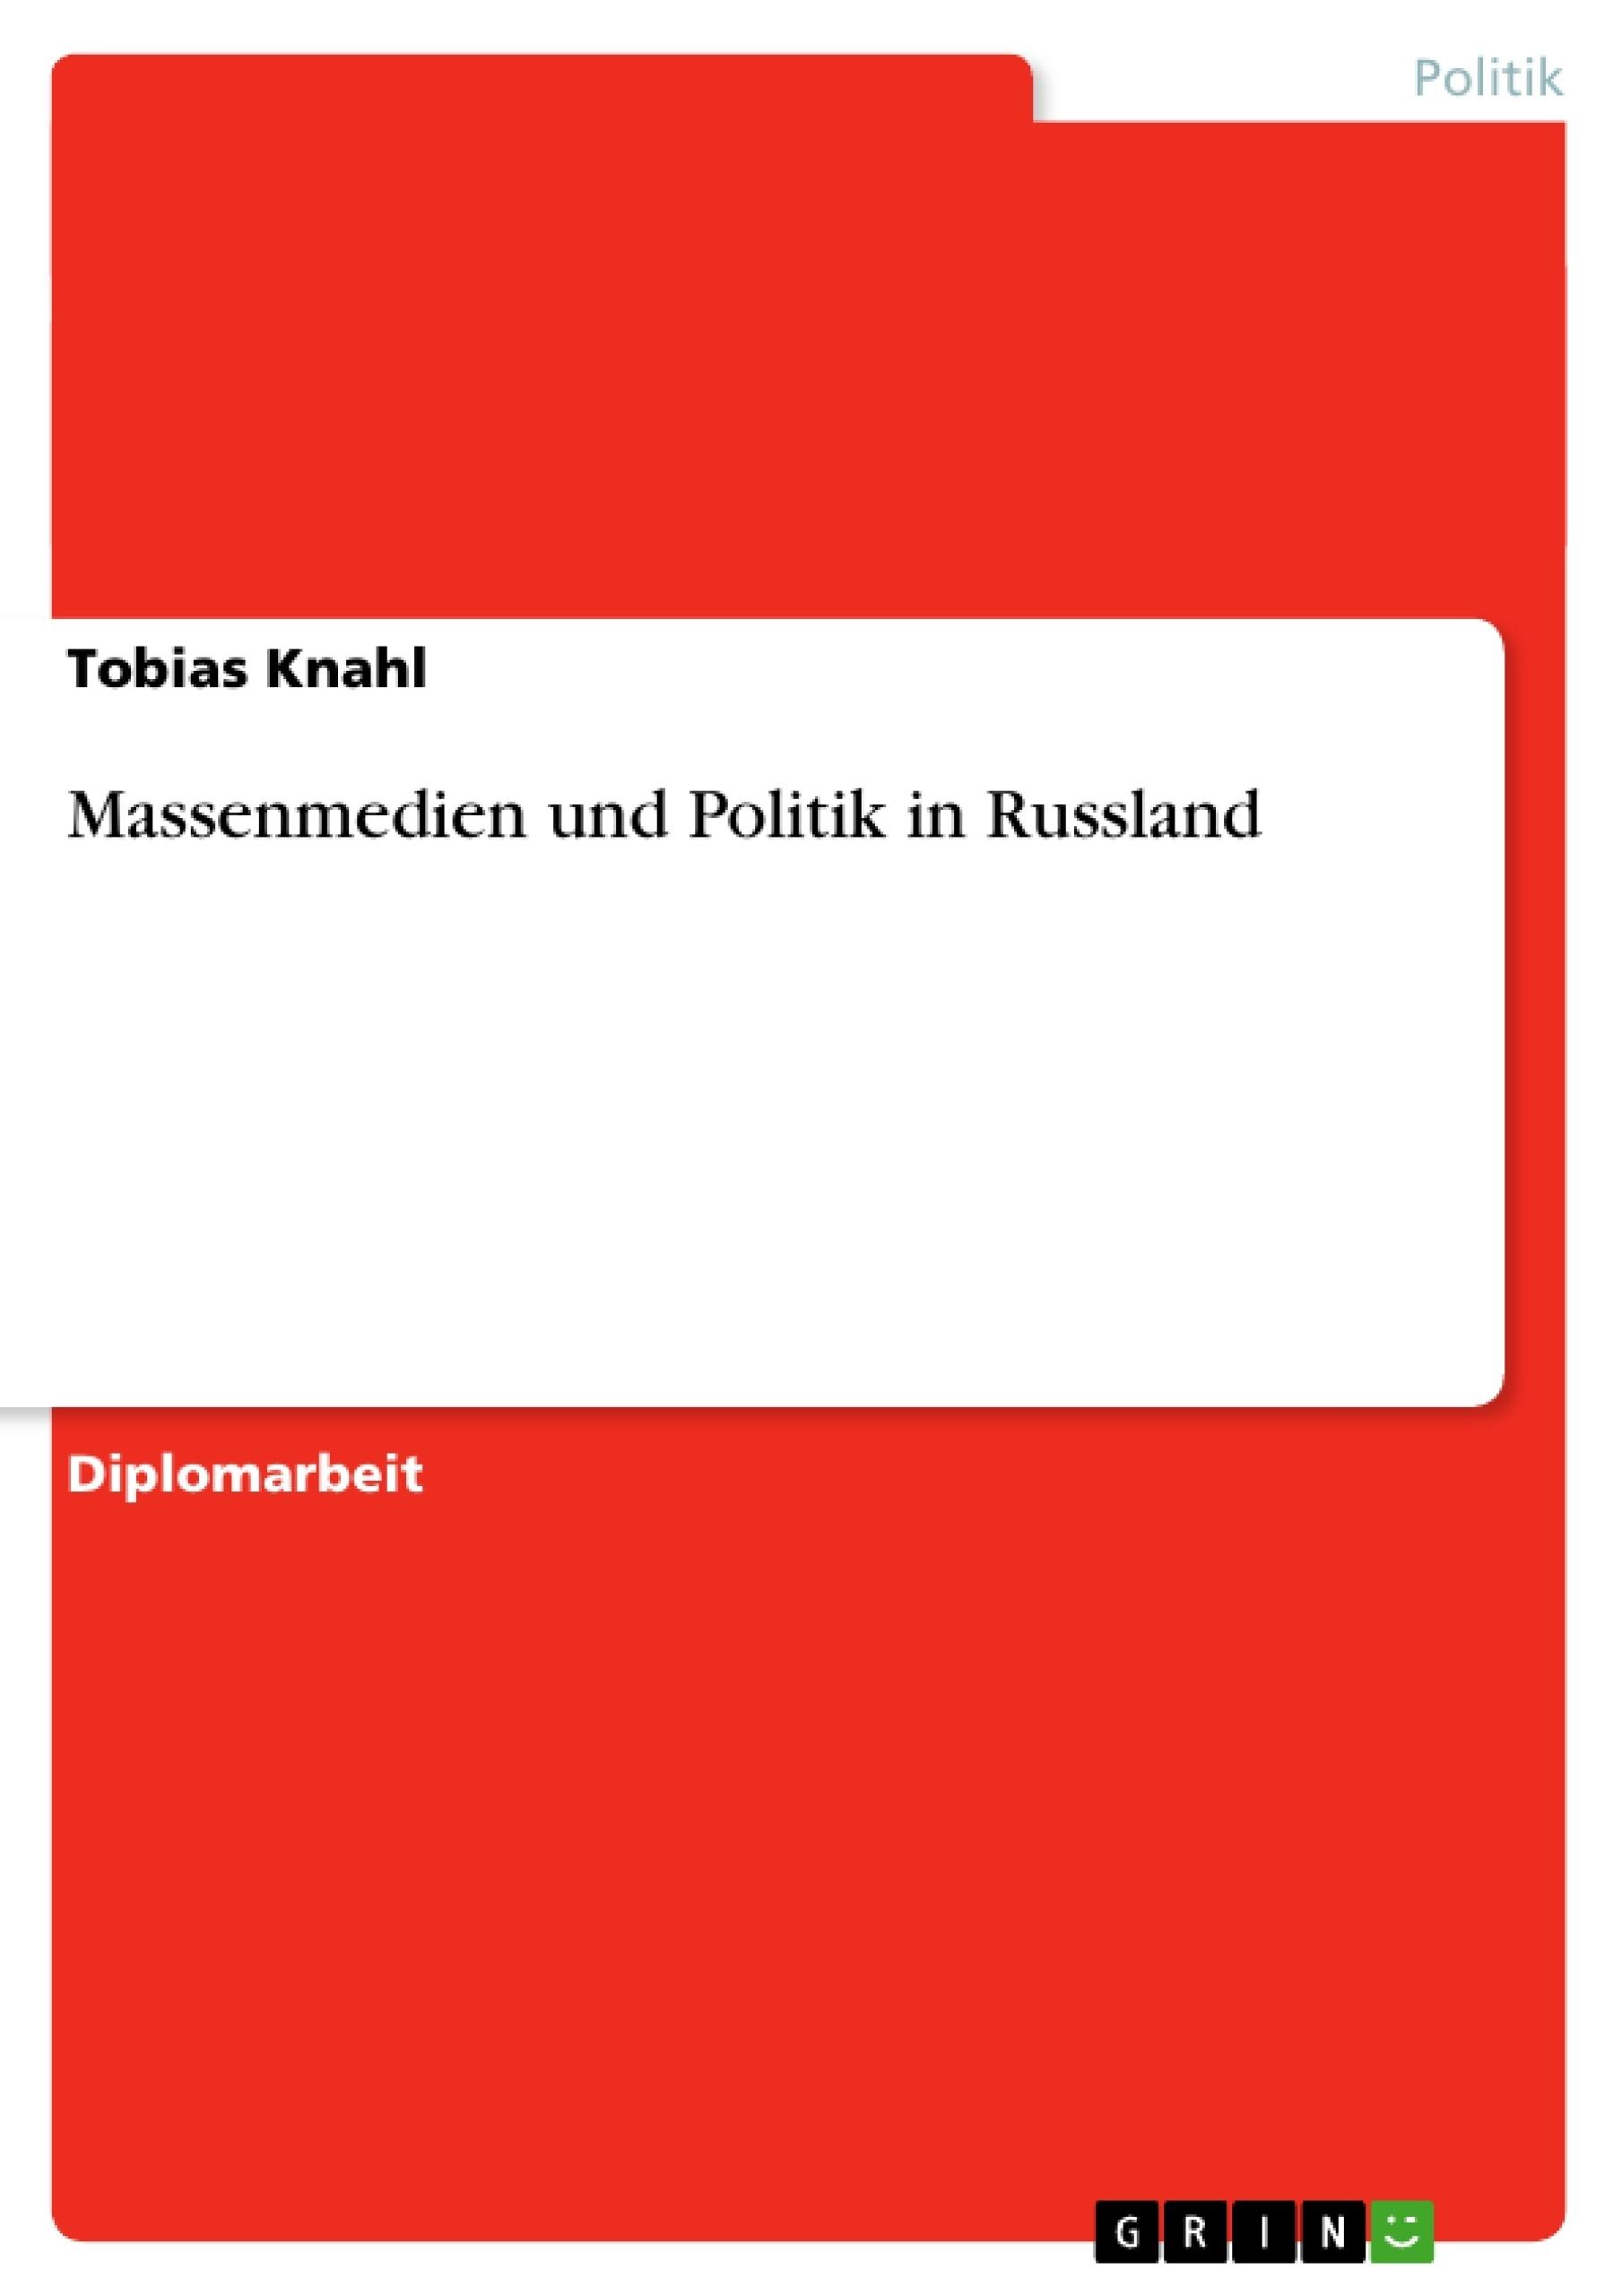 Titel: Massenmedien und Politik in Russland